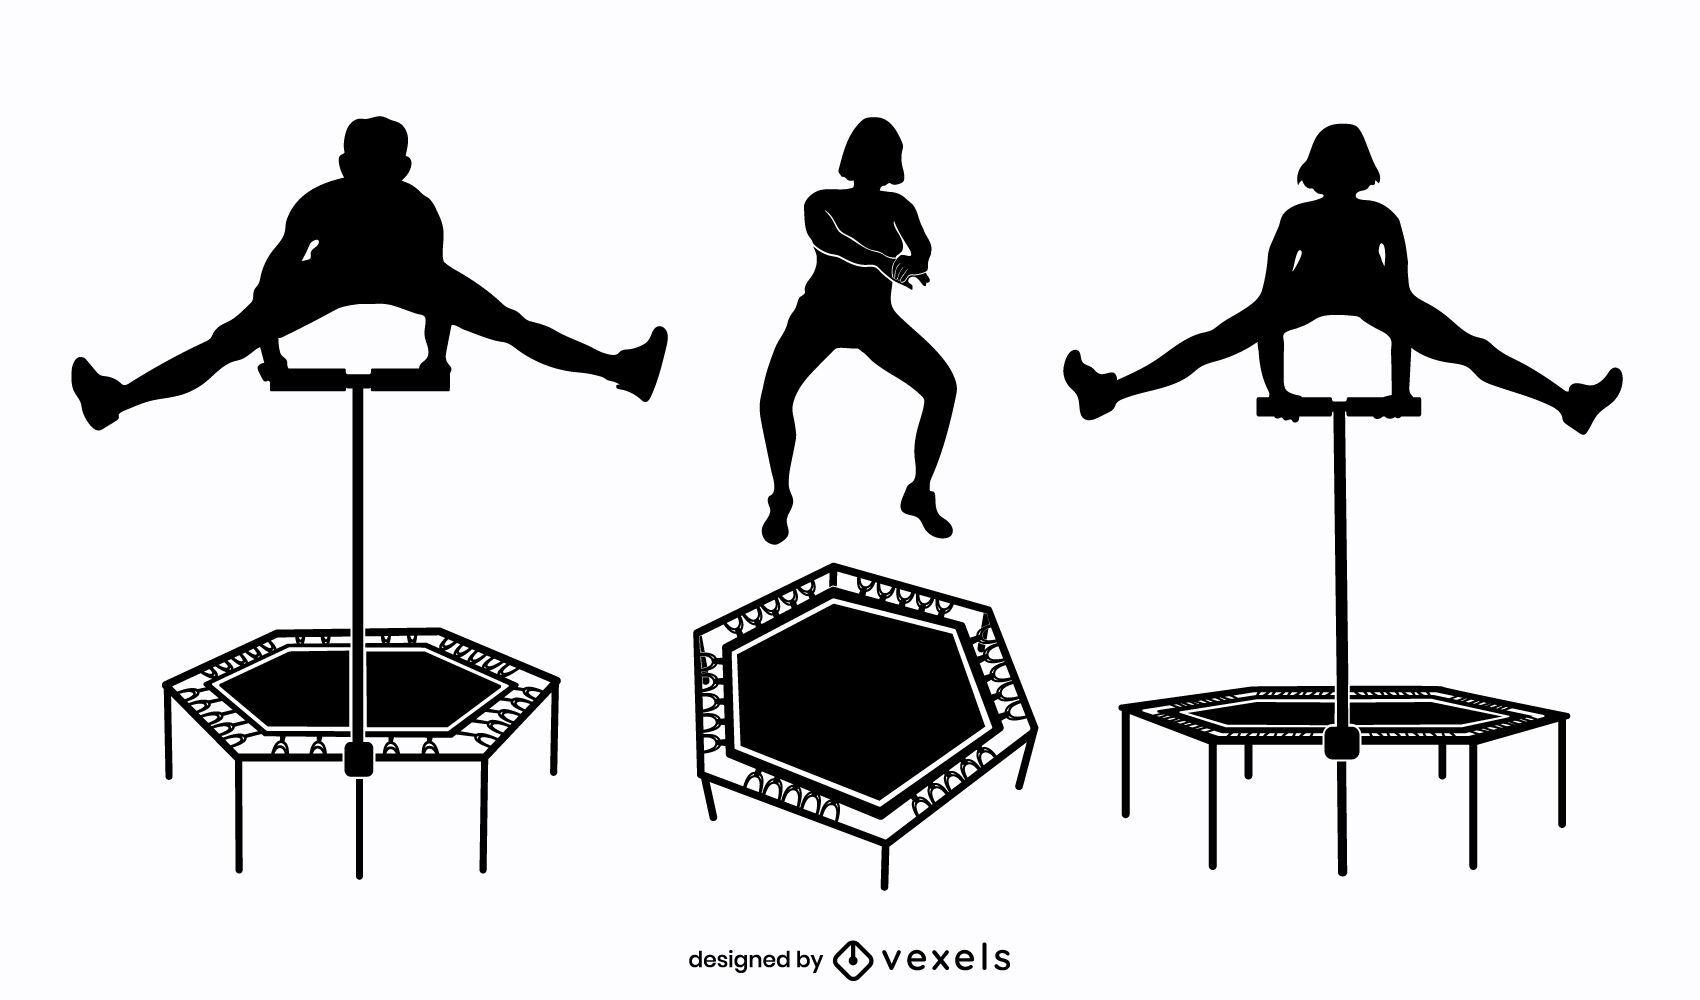 Conjunto de silueta de salto de trampolín de personas